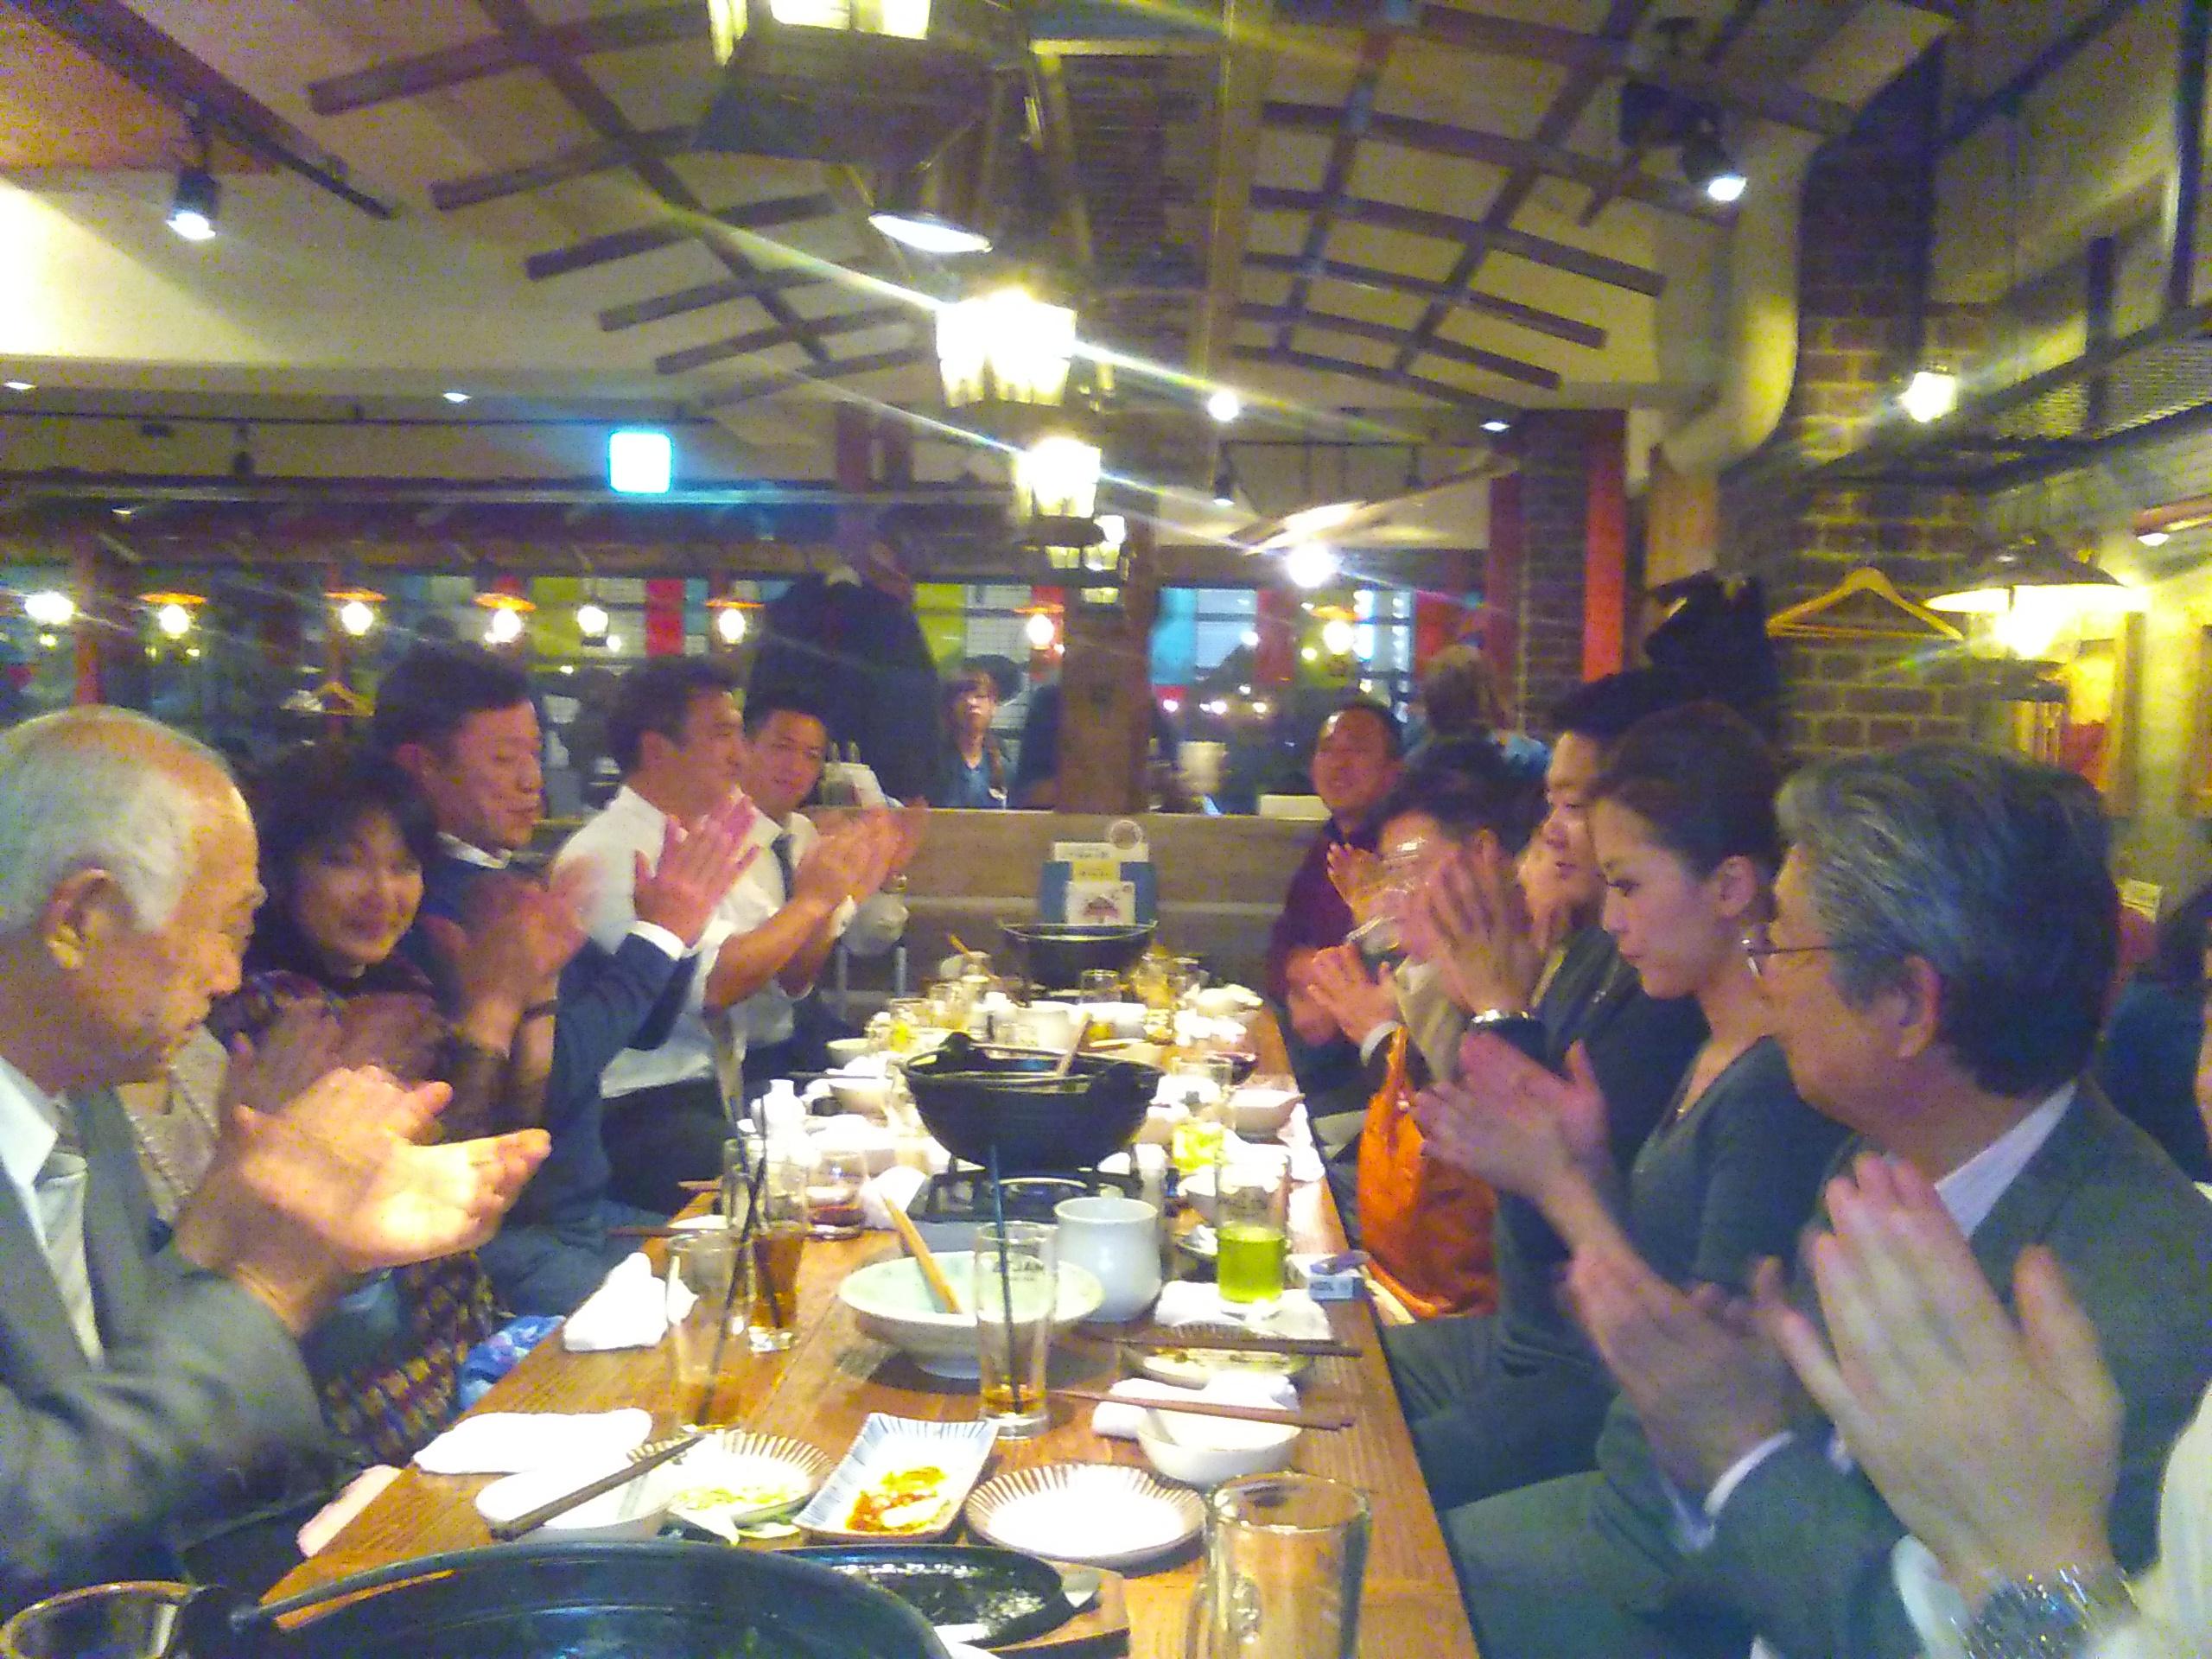 KIMG0232 - 4月1日東京思風塾の開催になります。